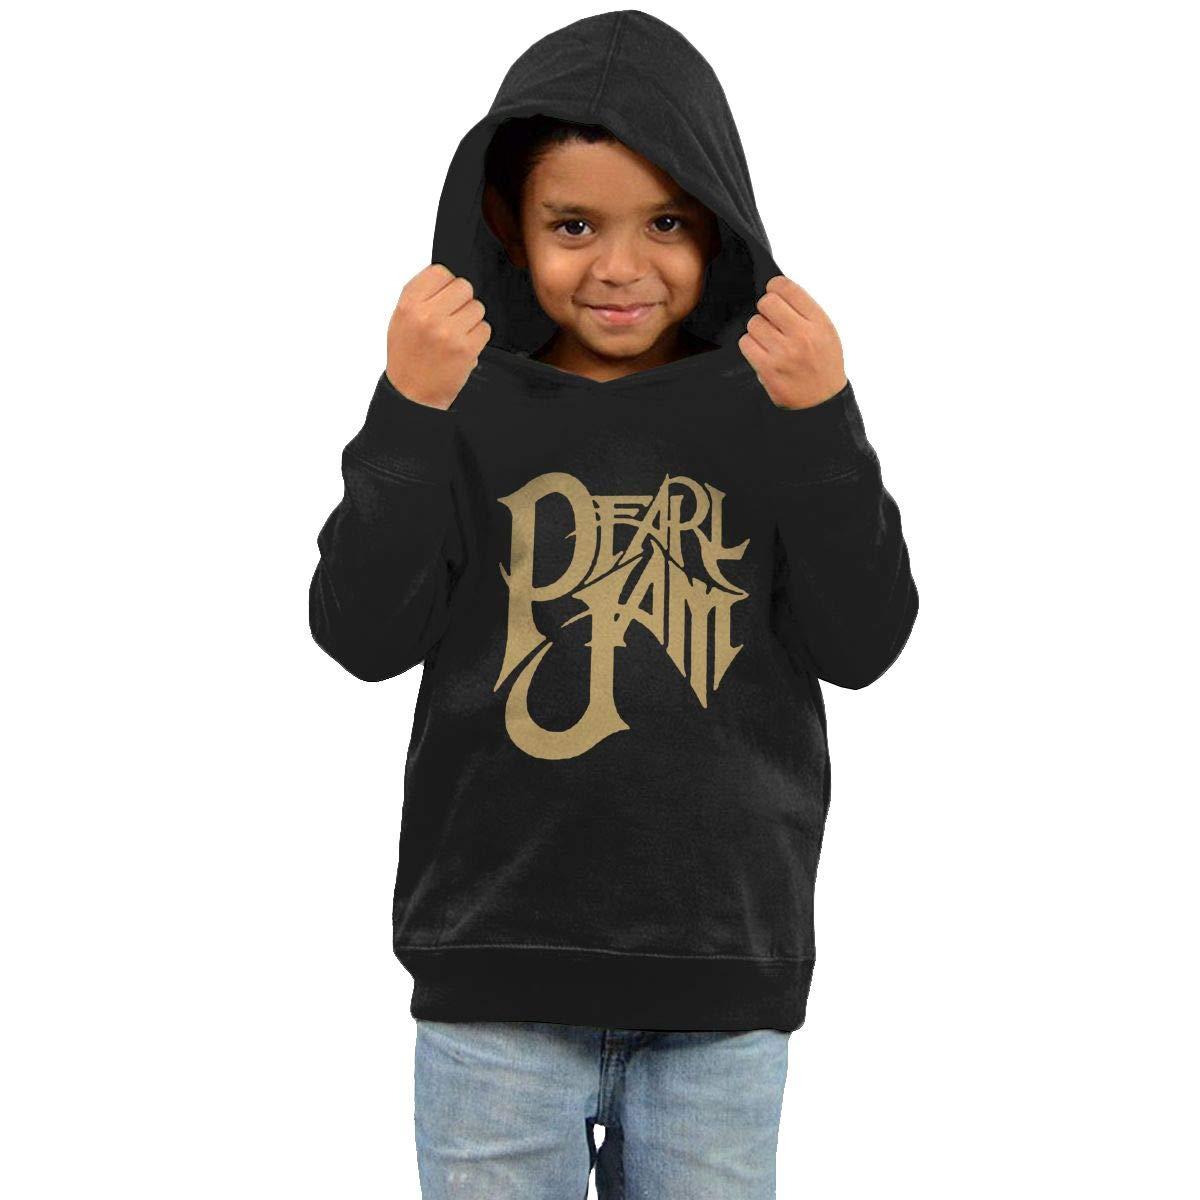 Stacy J. Payne Kids Pearl Jam Lovely Hoodie41 Black